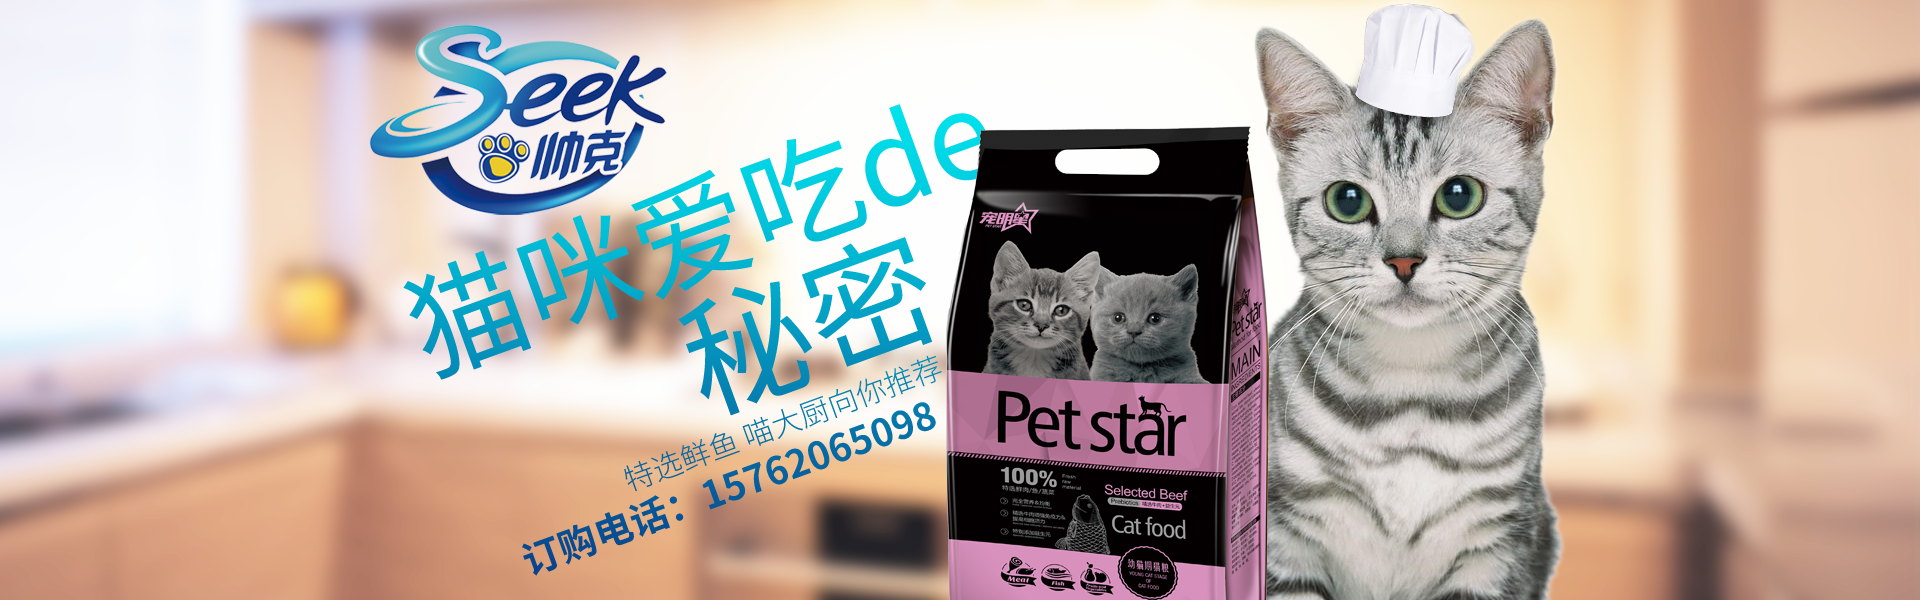 狗粮OEM代工,猫粮OEM代工,狗粮猫粮批发,宠物食品厂家